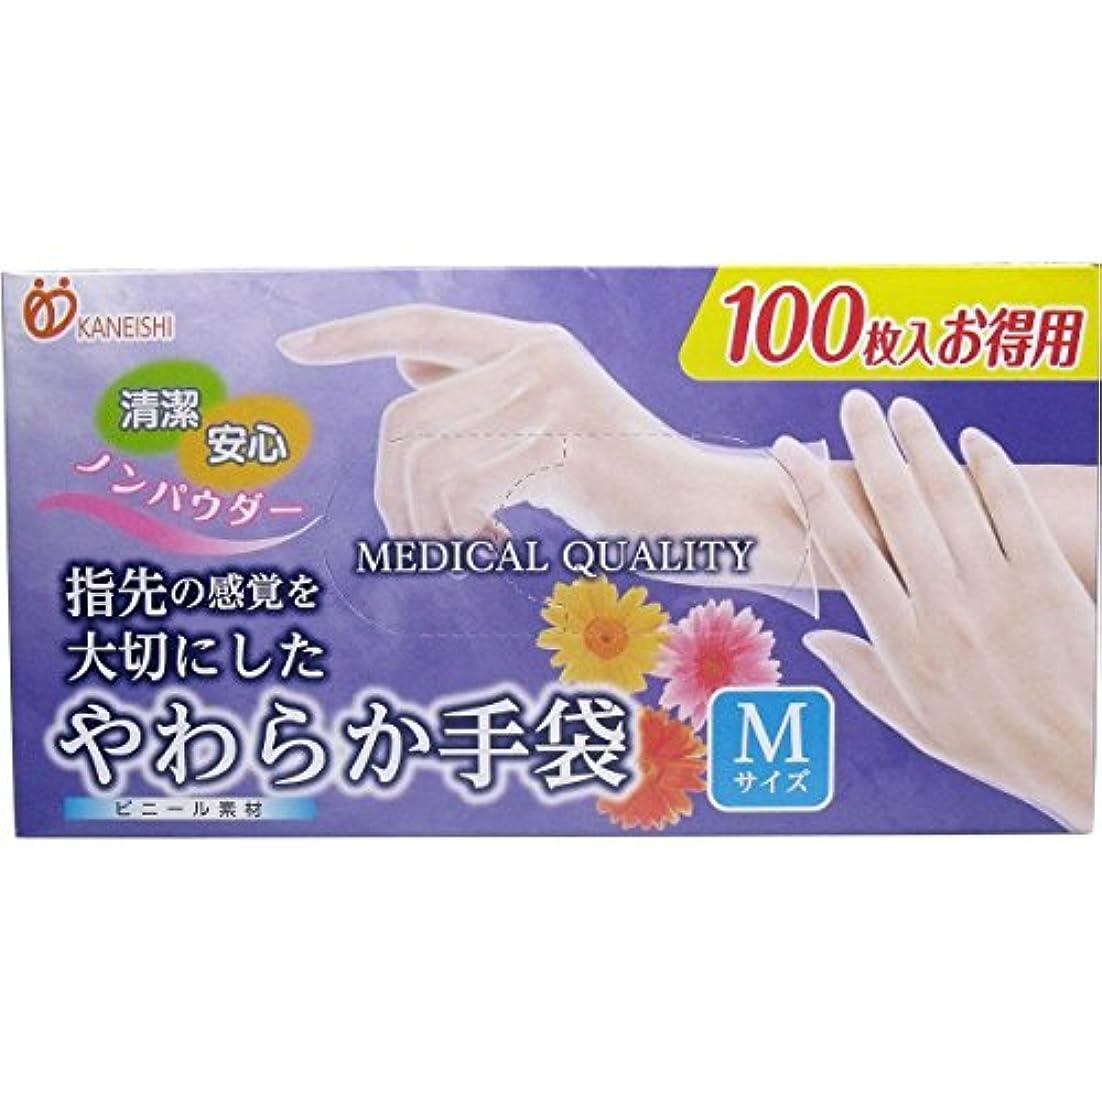 世界の窓膜独立してやわらか手袋 ビニール素材 Mサイズ 100枚入x6